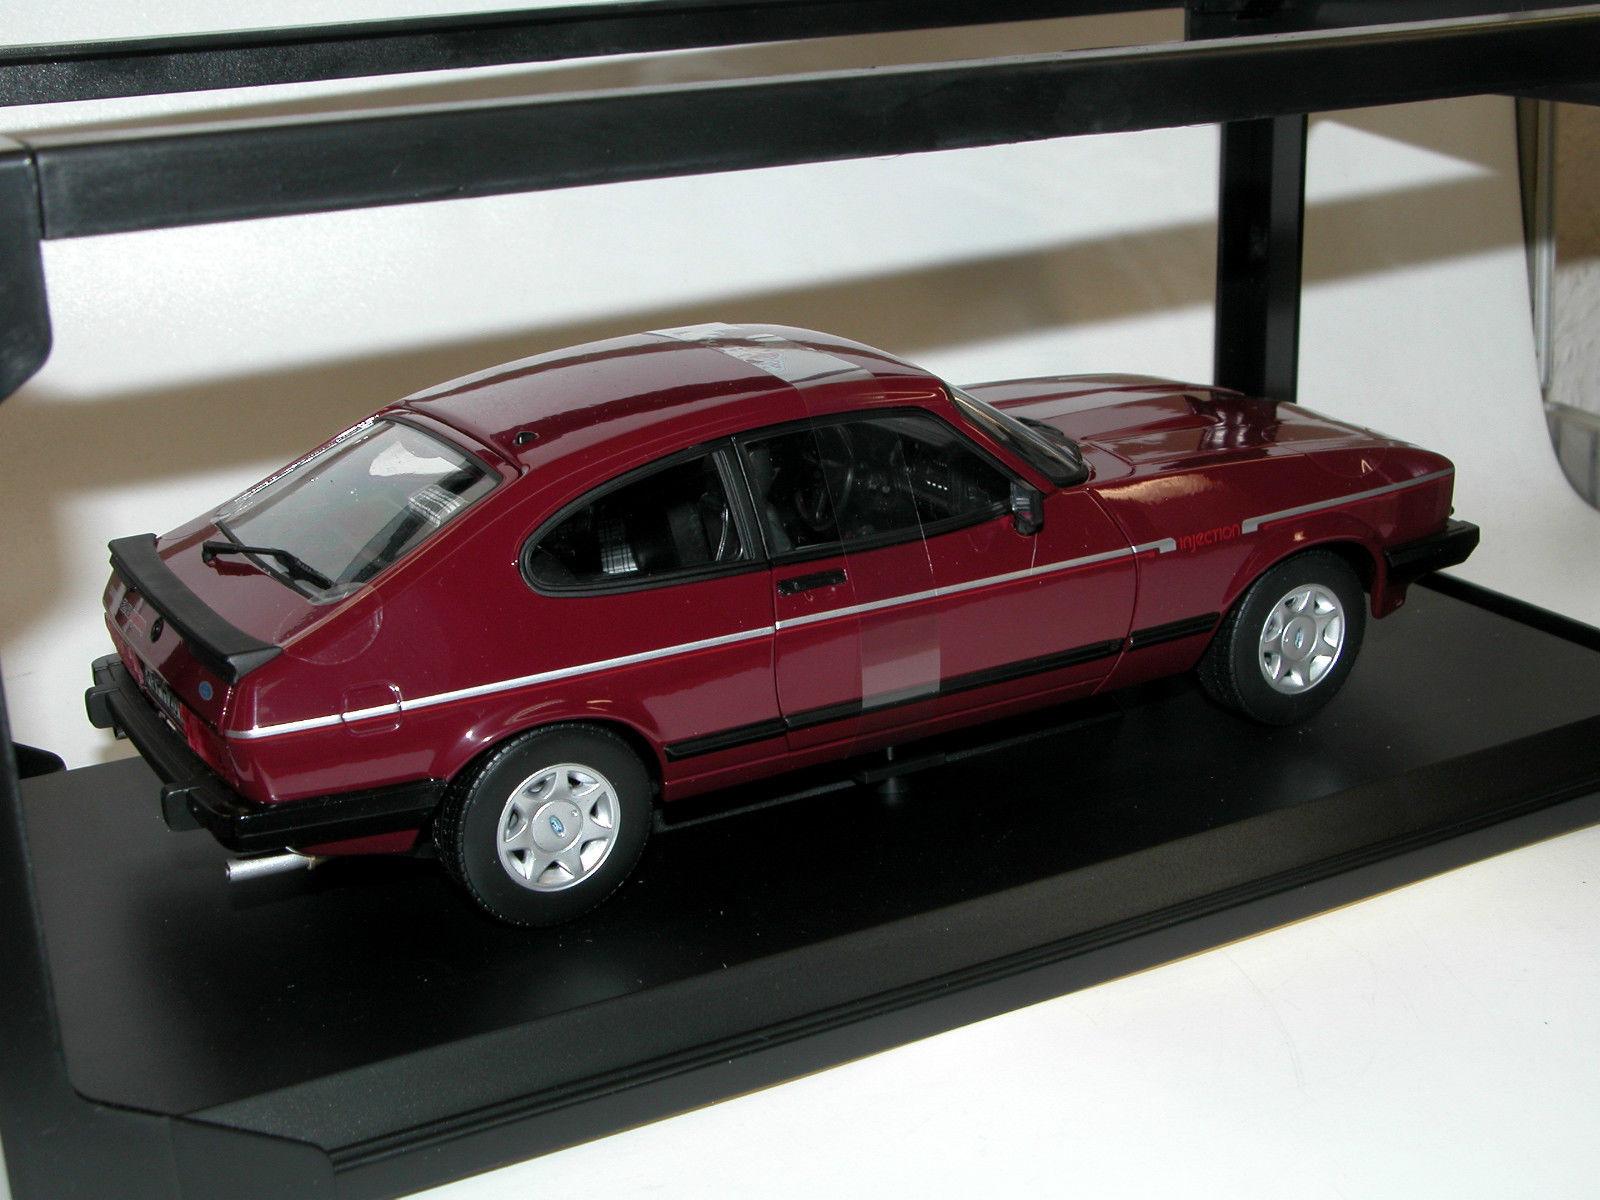 ford capri mkiii 2 8 injection 1982 red die cast model norev 182717. Black Bedroom Furniture Sets. Home Design Ideas